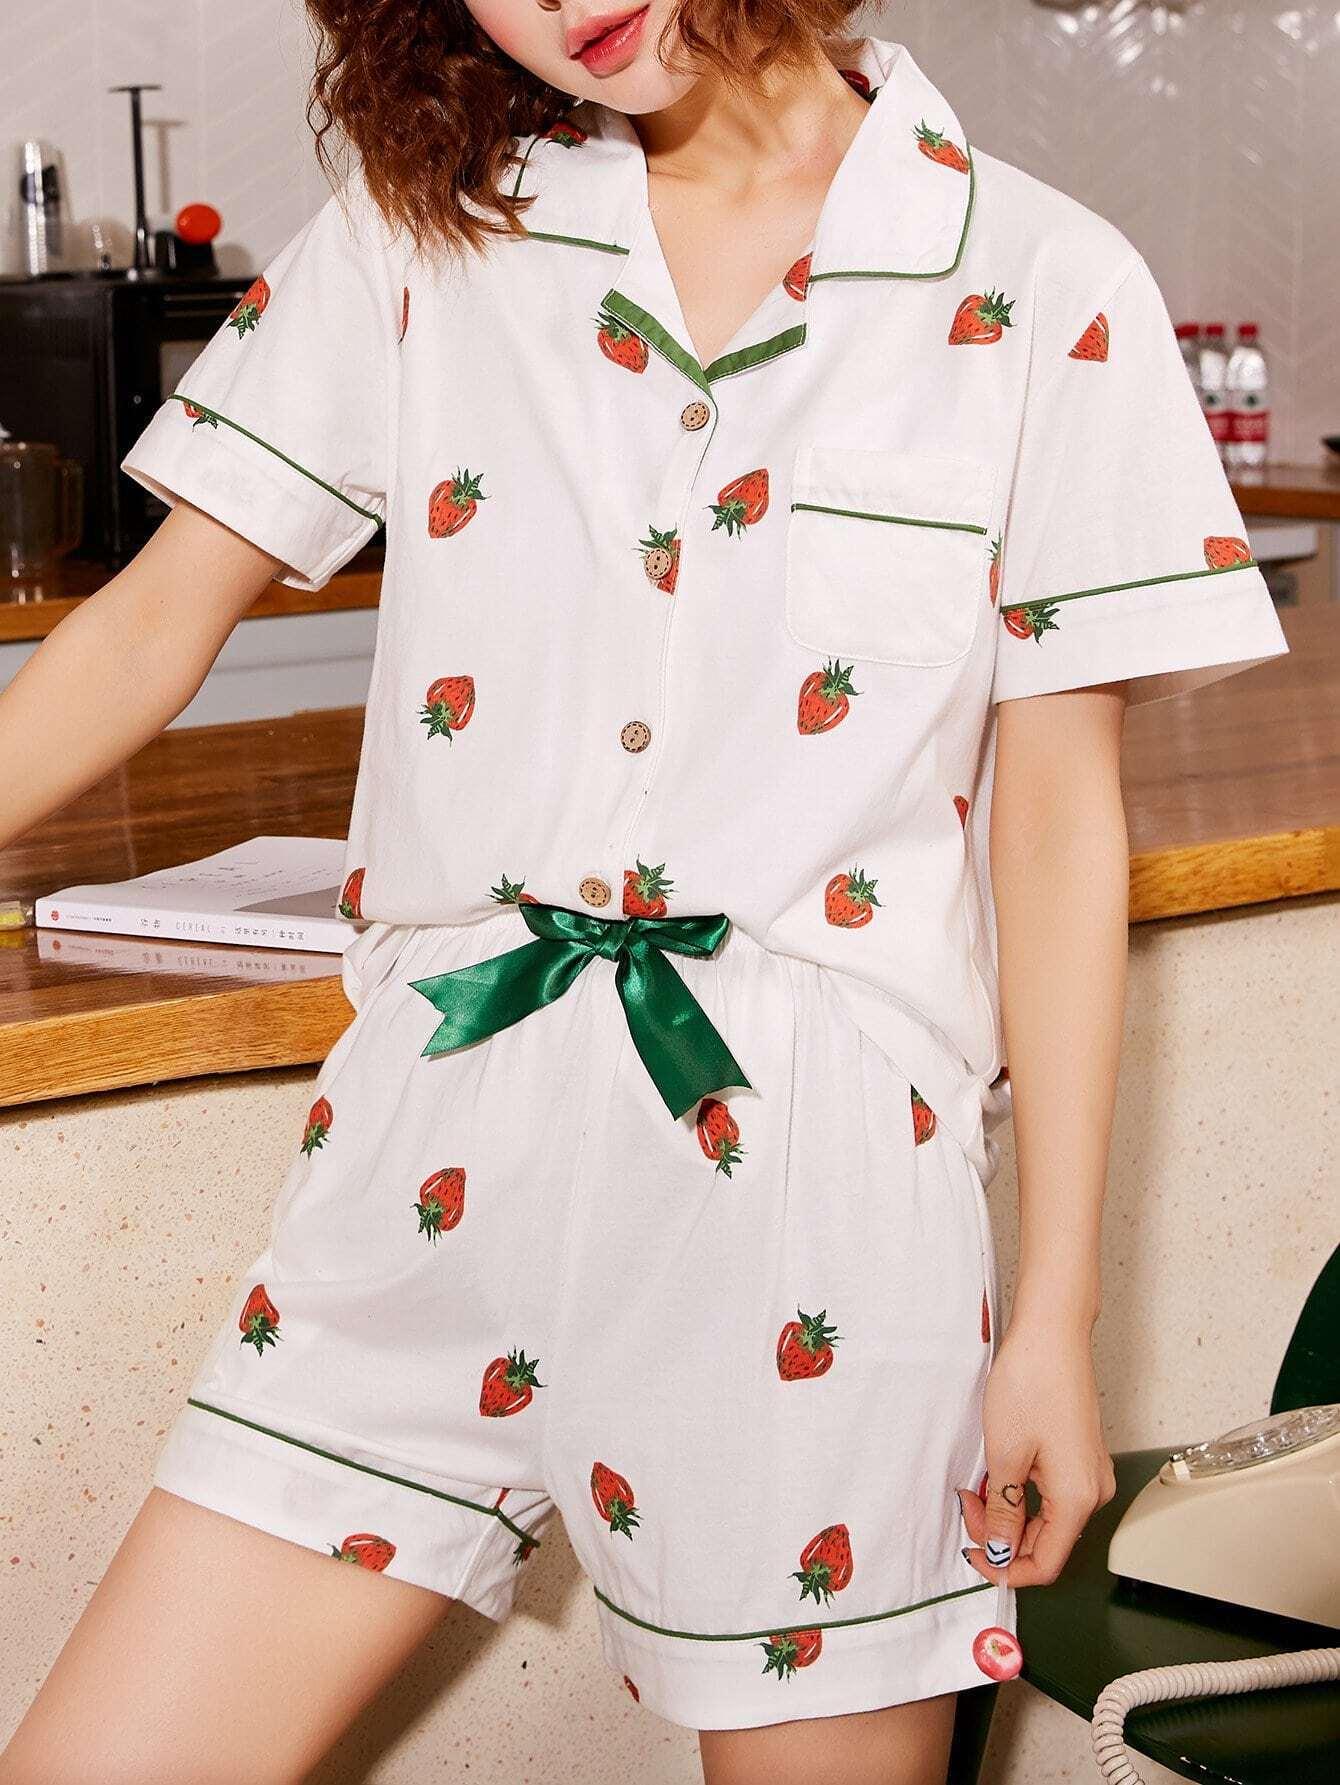 Купить Набор для клубники Print Up Pajama Set, null, SheIn